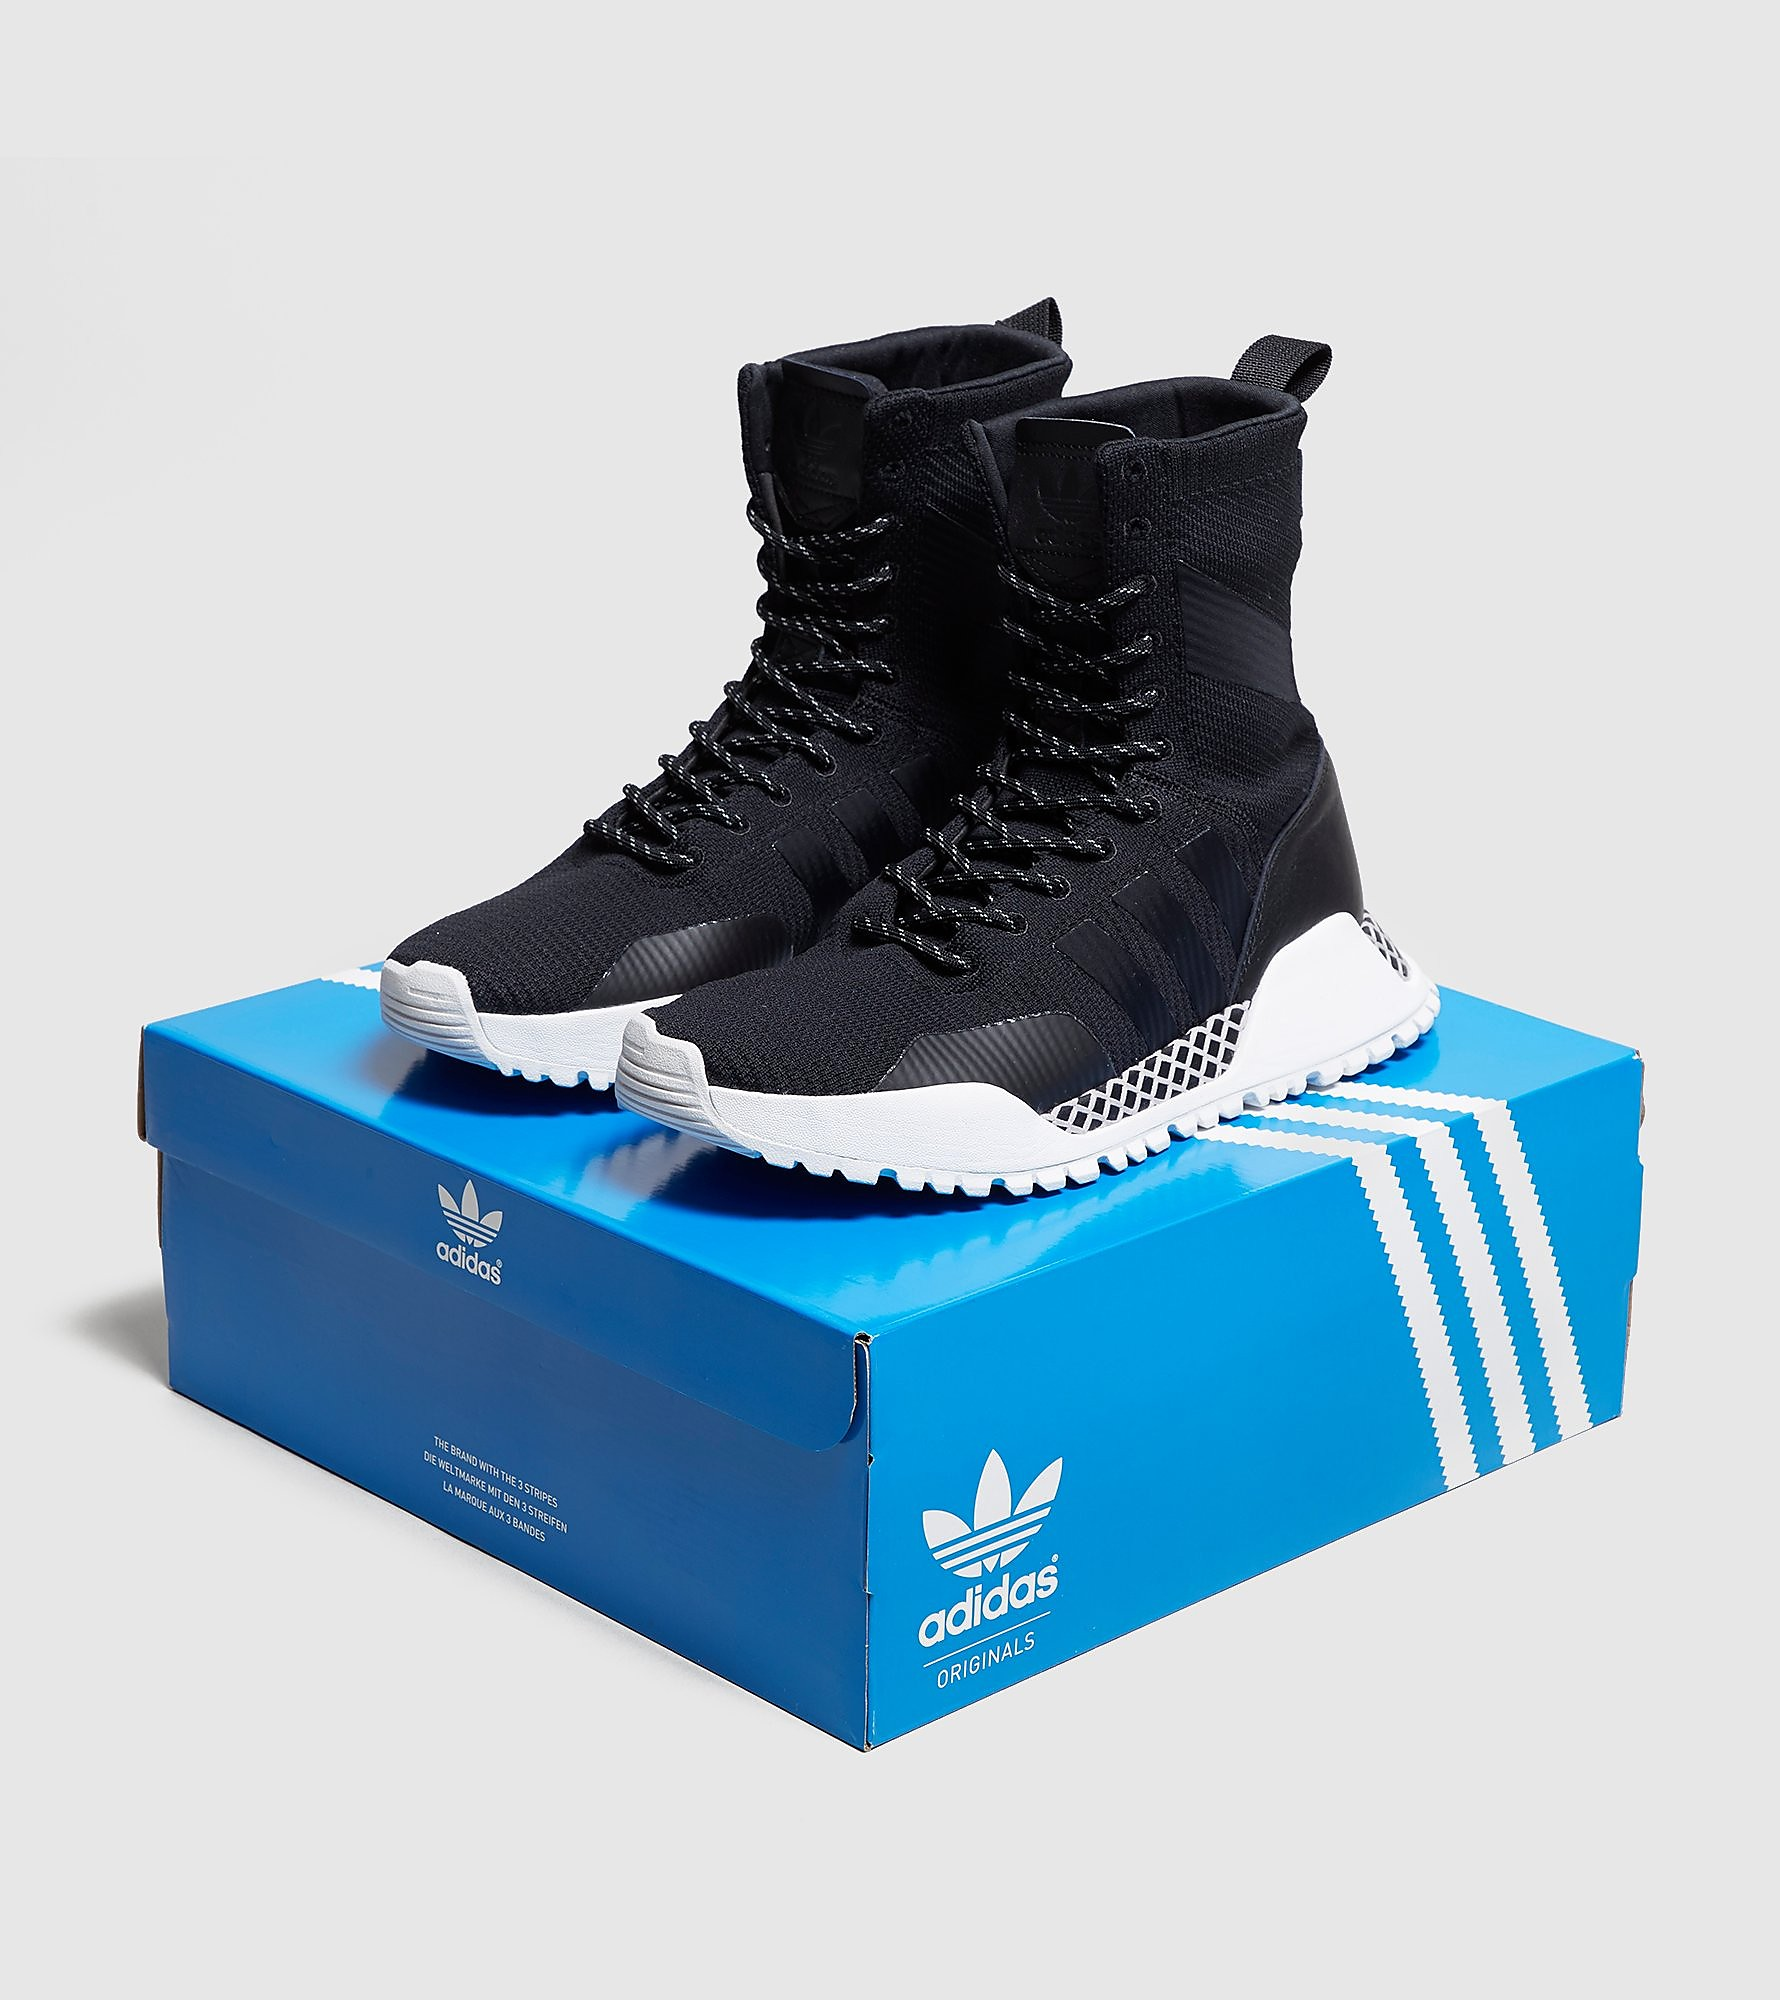 adidas A.F 1.3 Primeknit Boot